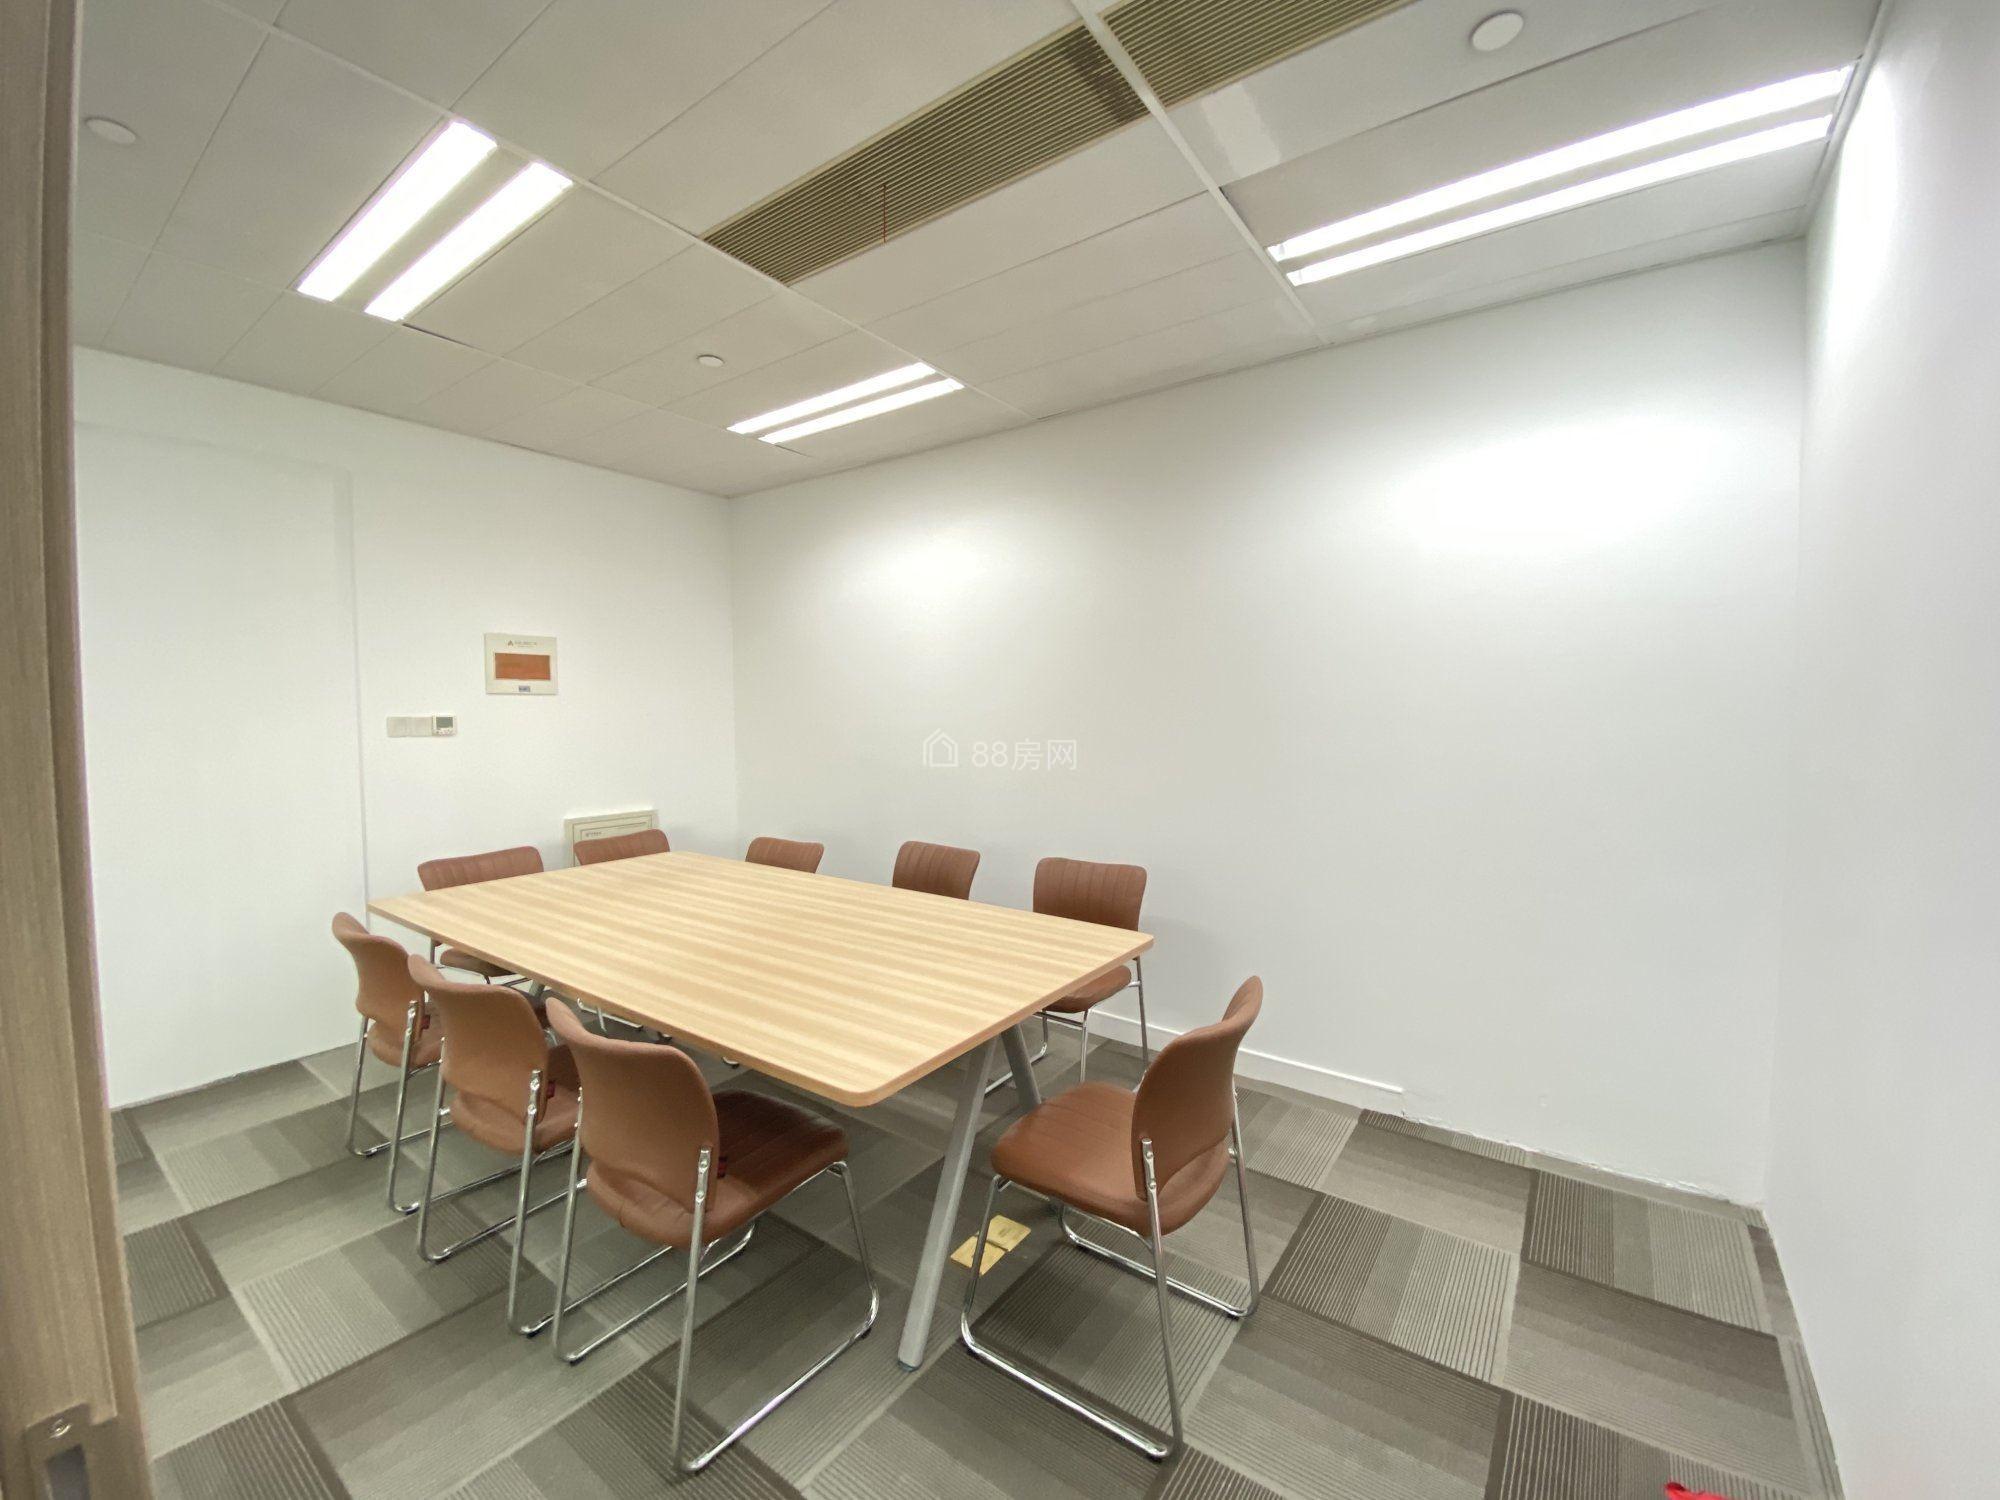 红豆国际东方广场~ 精装100至200平~隔断带家具车位充足